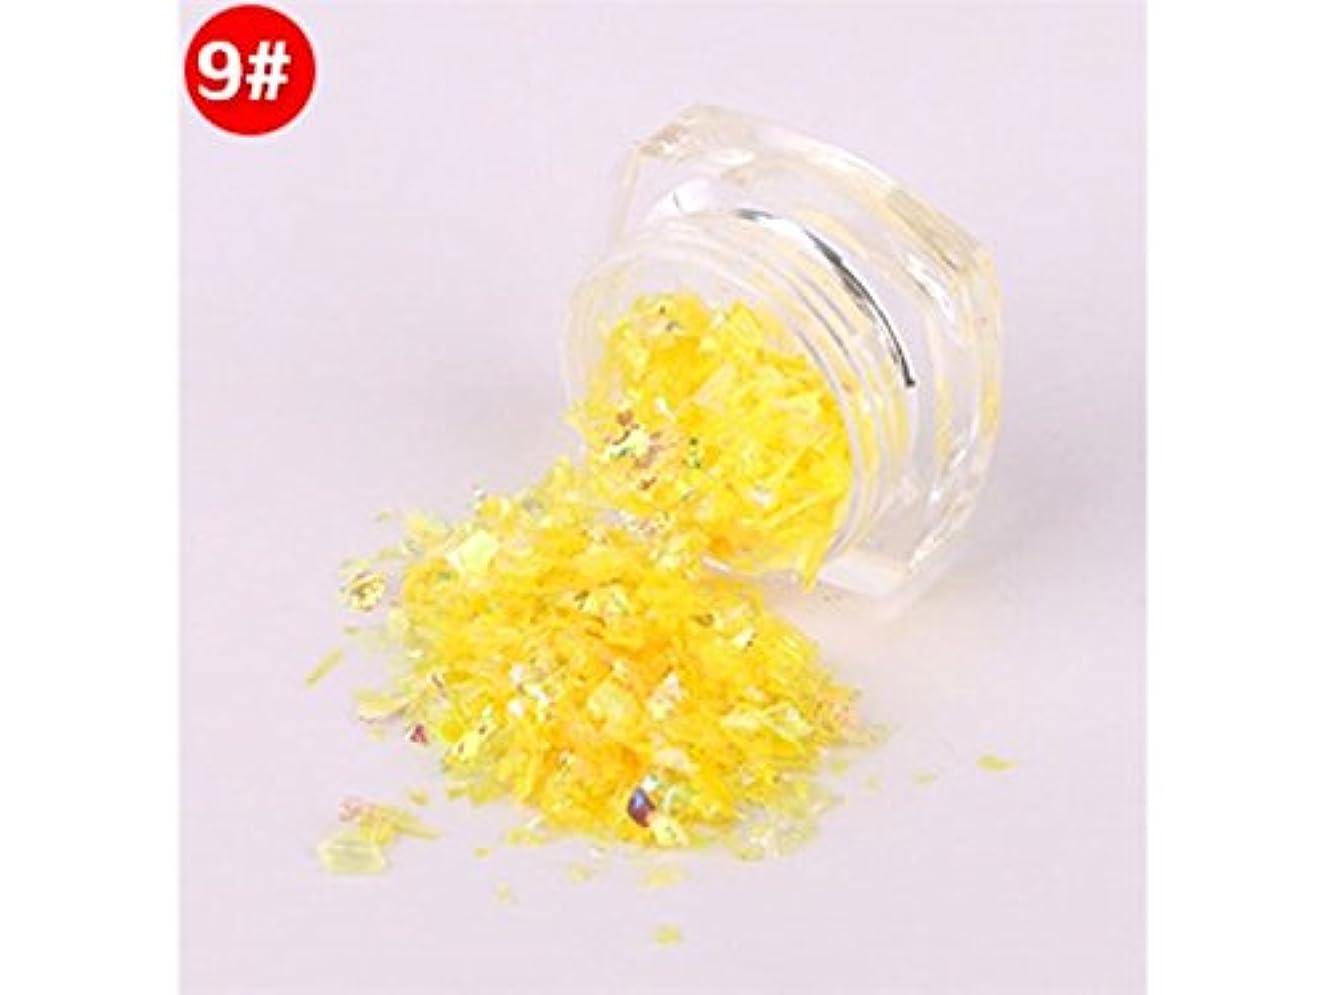 フェード夫活気づけるOsize キラキラ爪装飾ネイルアートキラキラスパンコールステッカー(黄色)